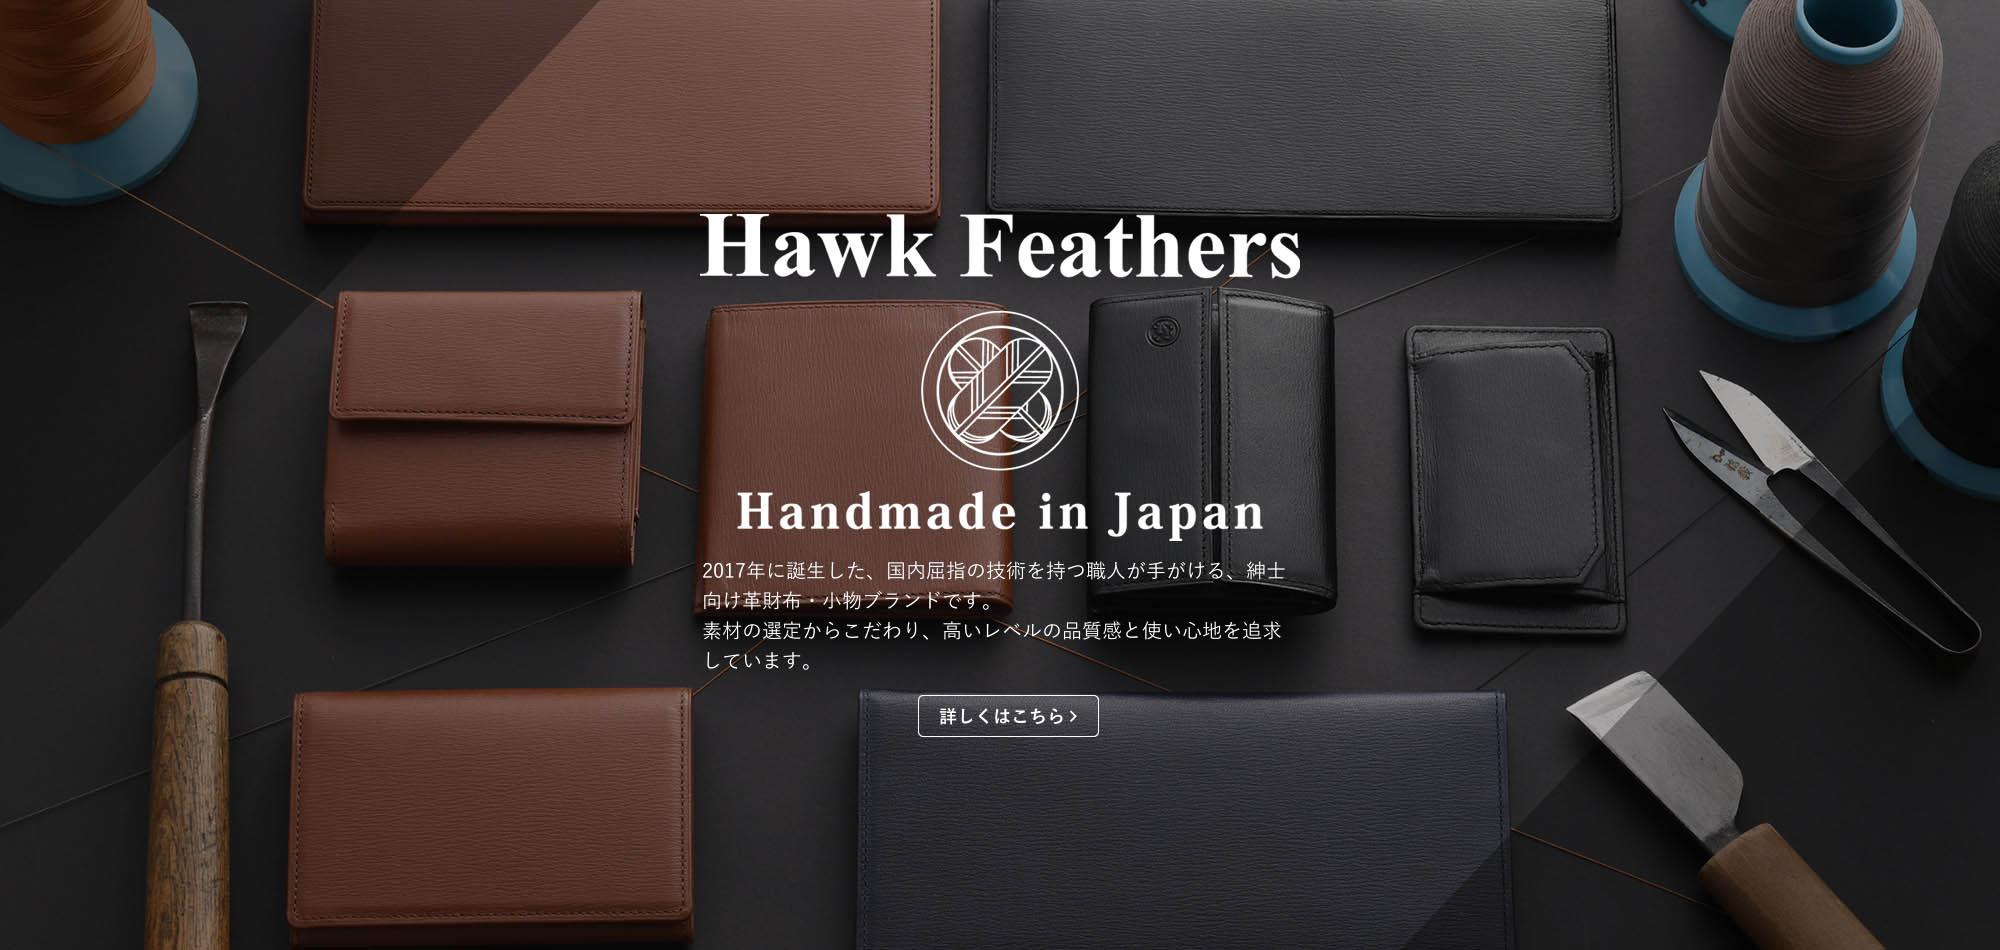 ブランドHawk Feathersの紹介